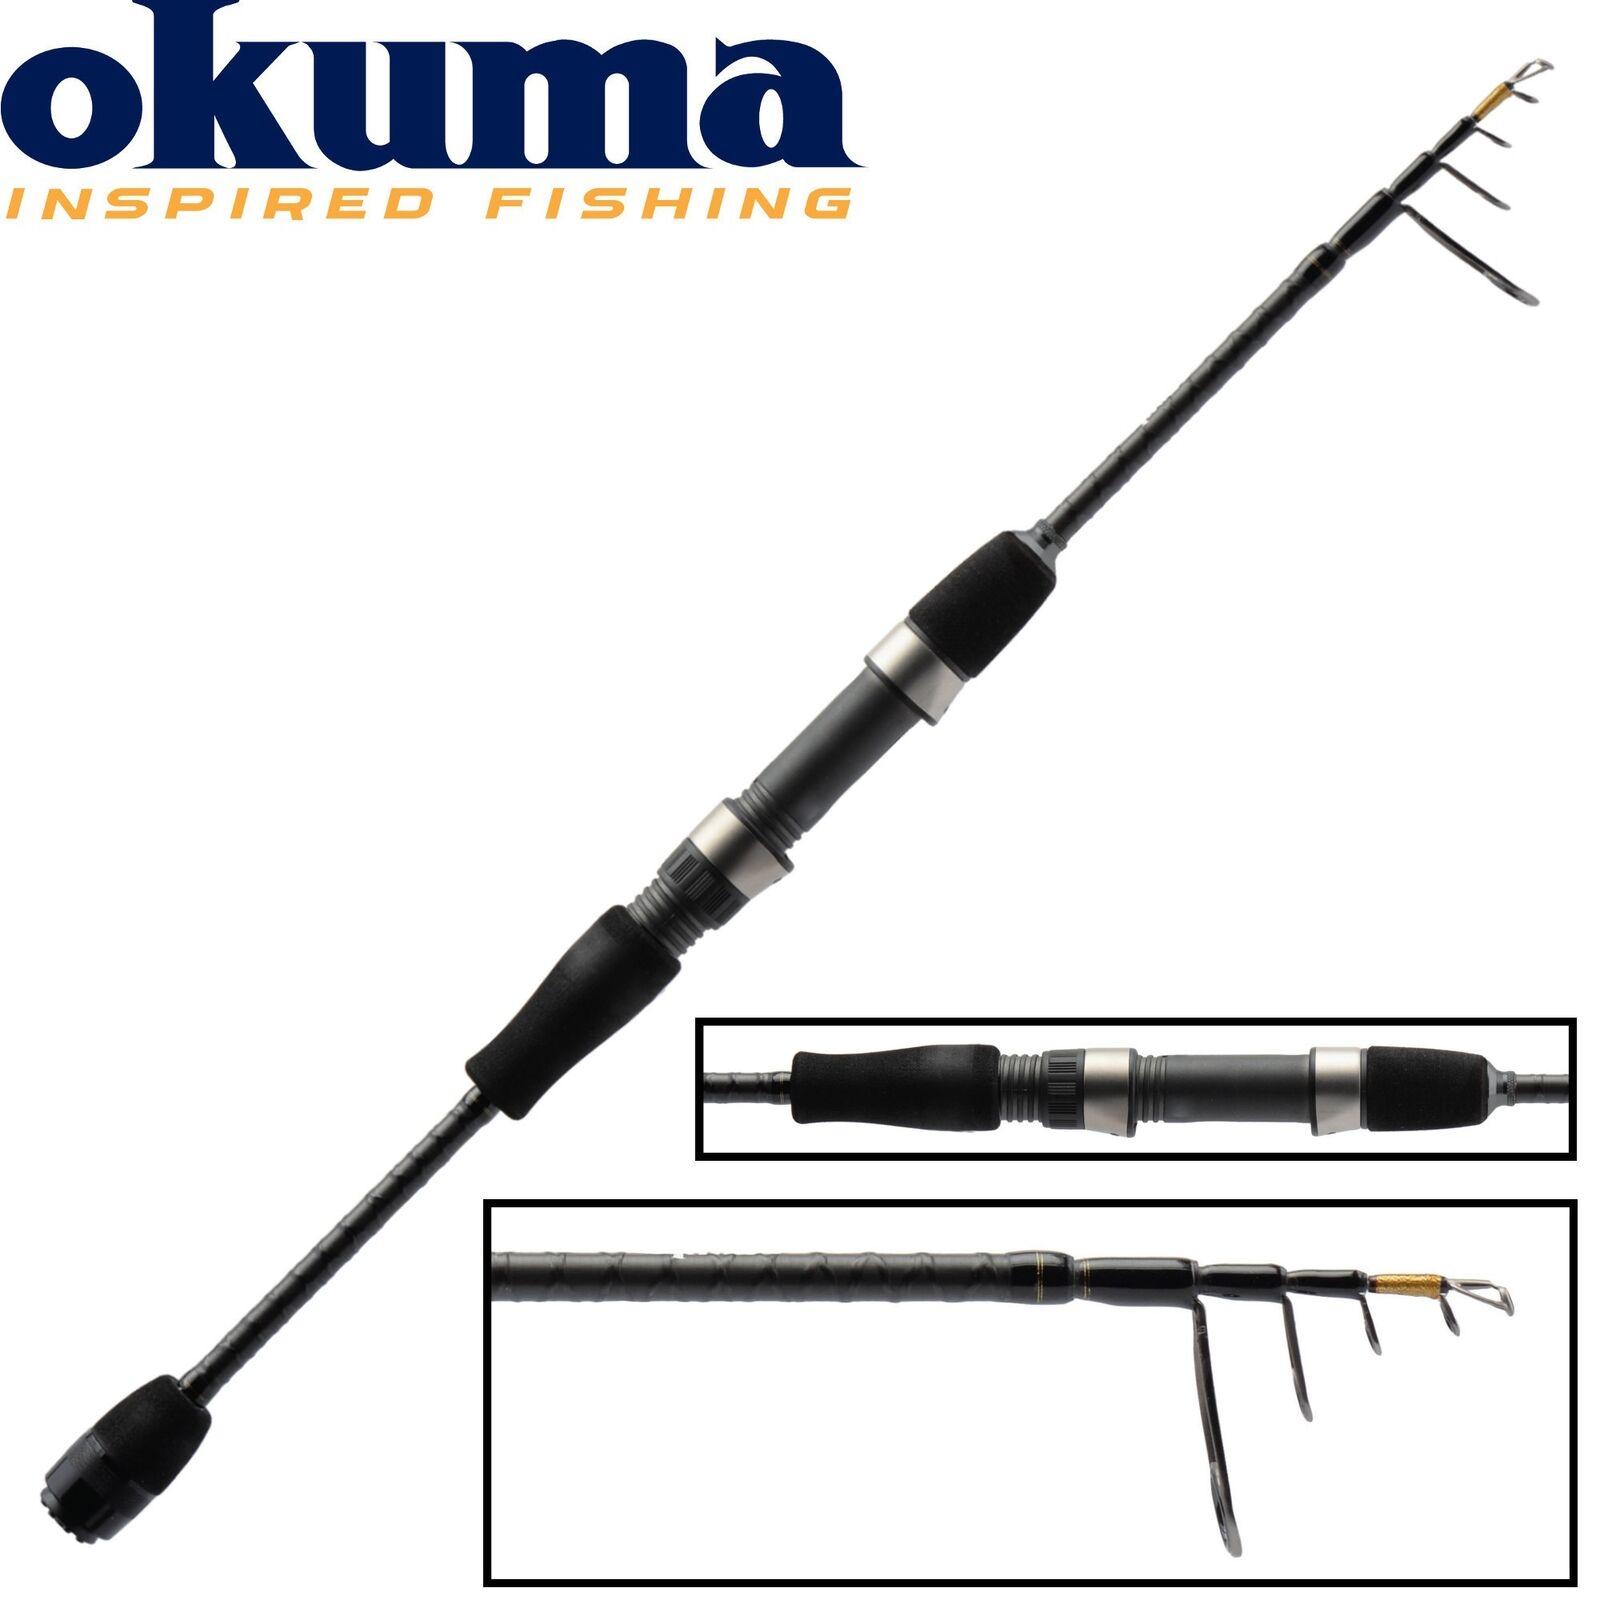 Okuma Light Range Fishing UFR Teleskoprute 225cm 8-22g - Spinnrute, Blinkerrute